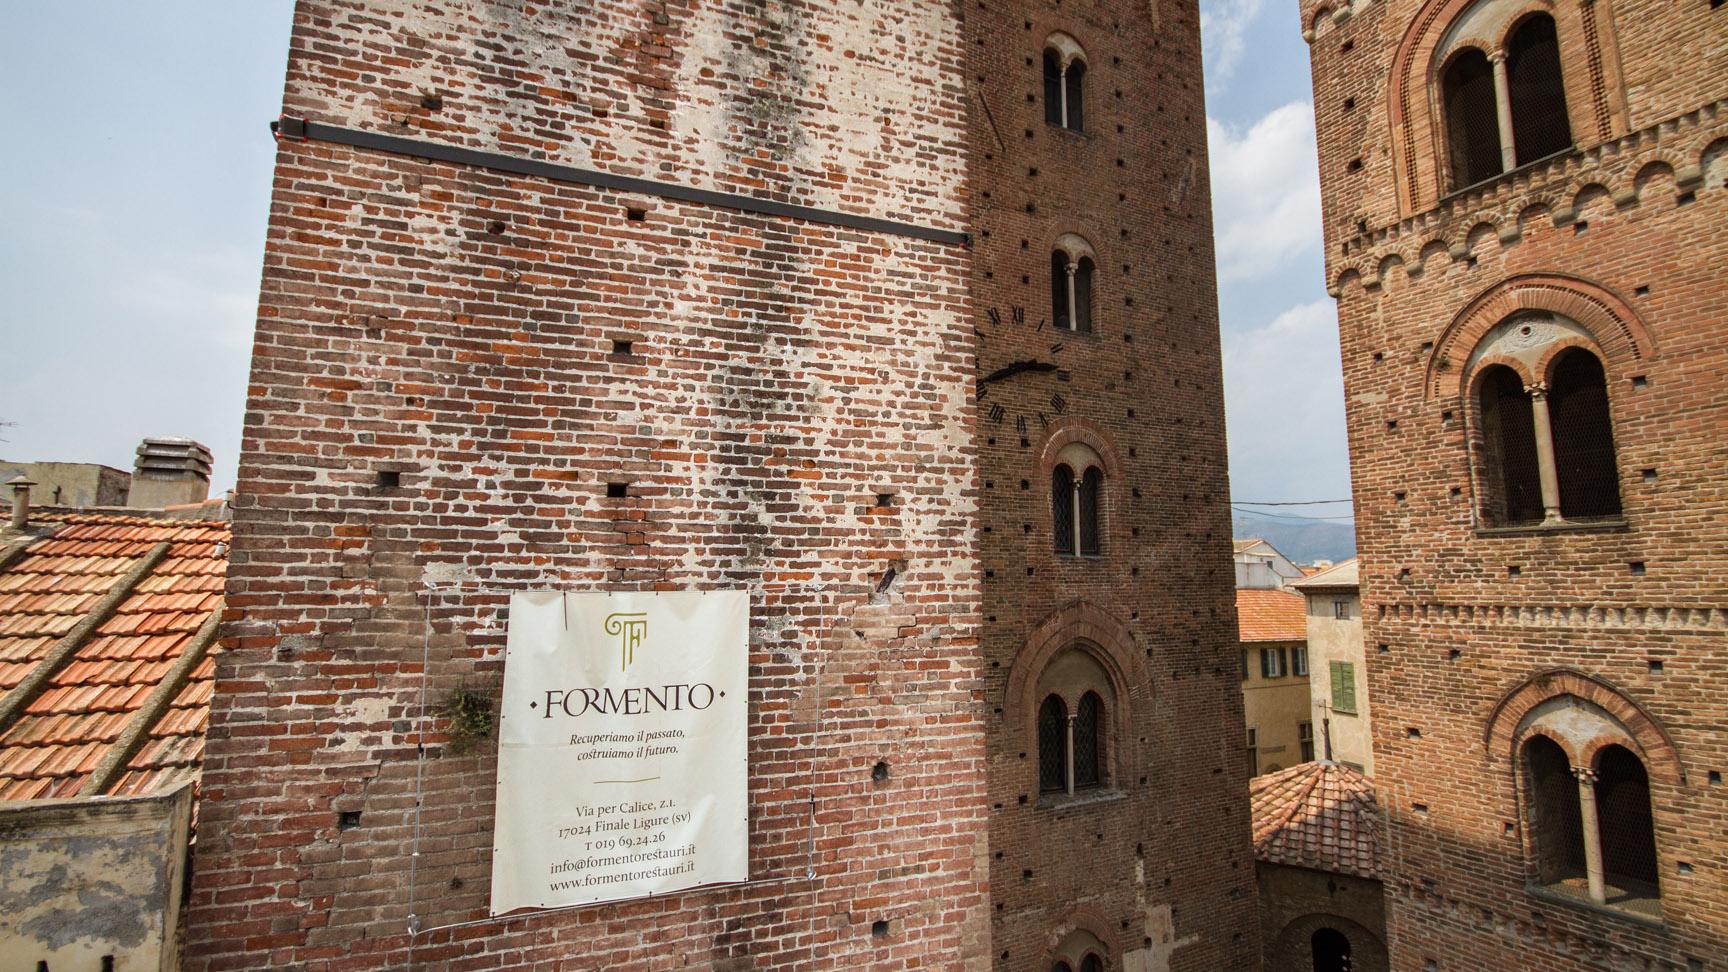 Le maestranze Formento Restauri sono specializzate in restauri in quota, su fune, senza l'utilizzo di ponteggi.